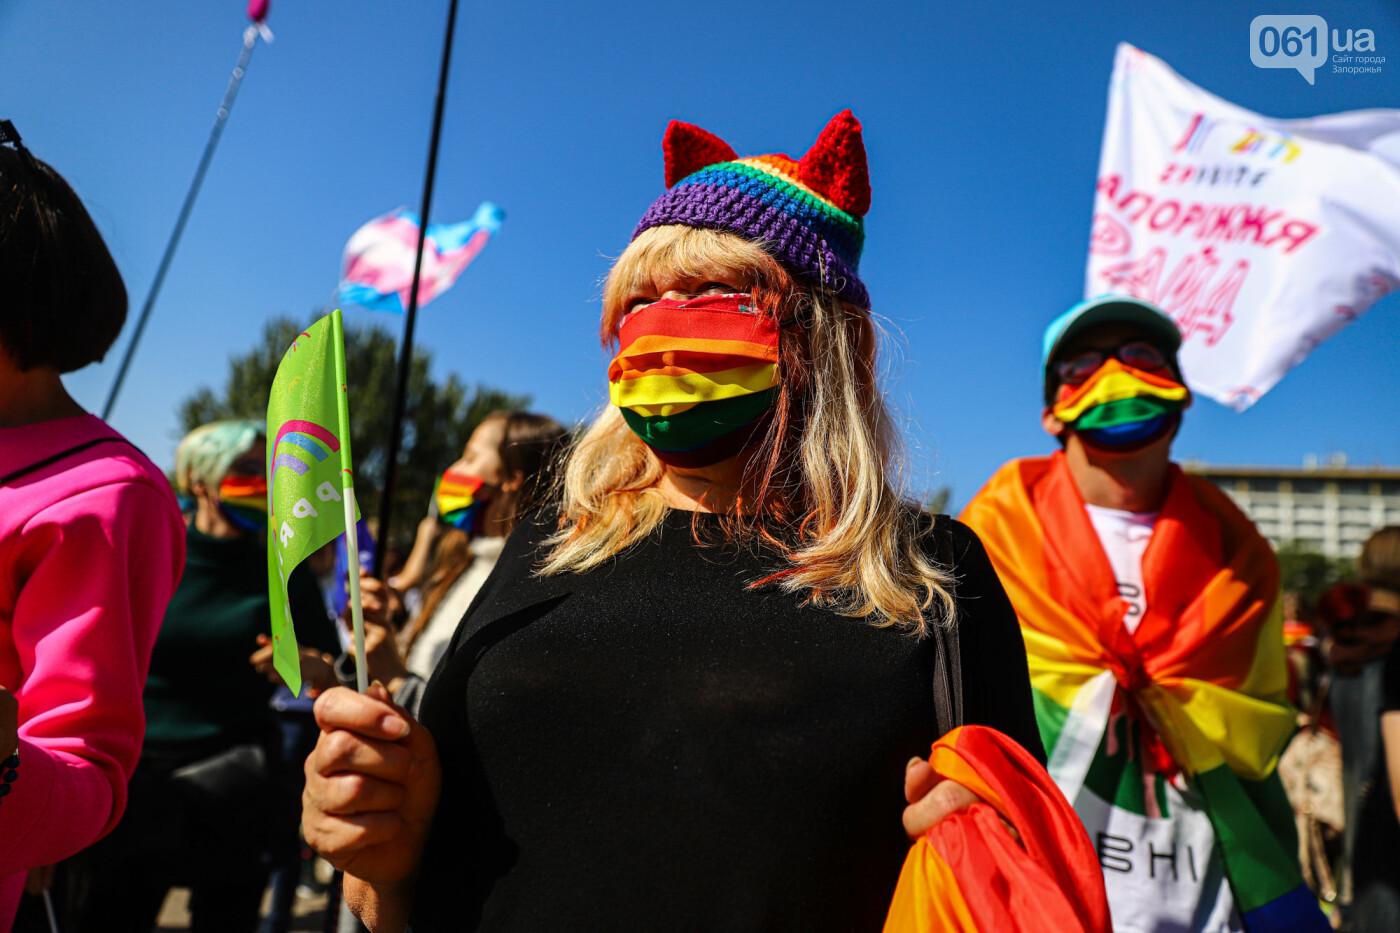 ЛГБТ-прайд, эко-митинг и восстановленные скульптуры в сквере Пионеров: сентябрь в фотографиях , фото-103